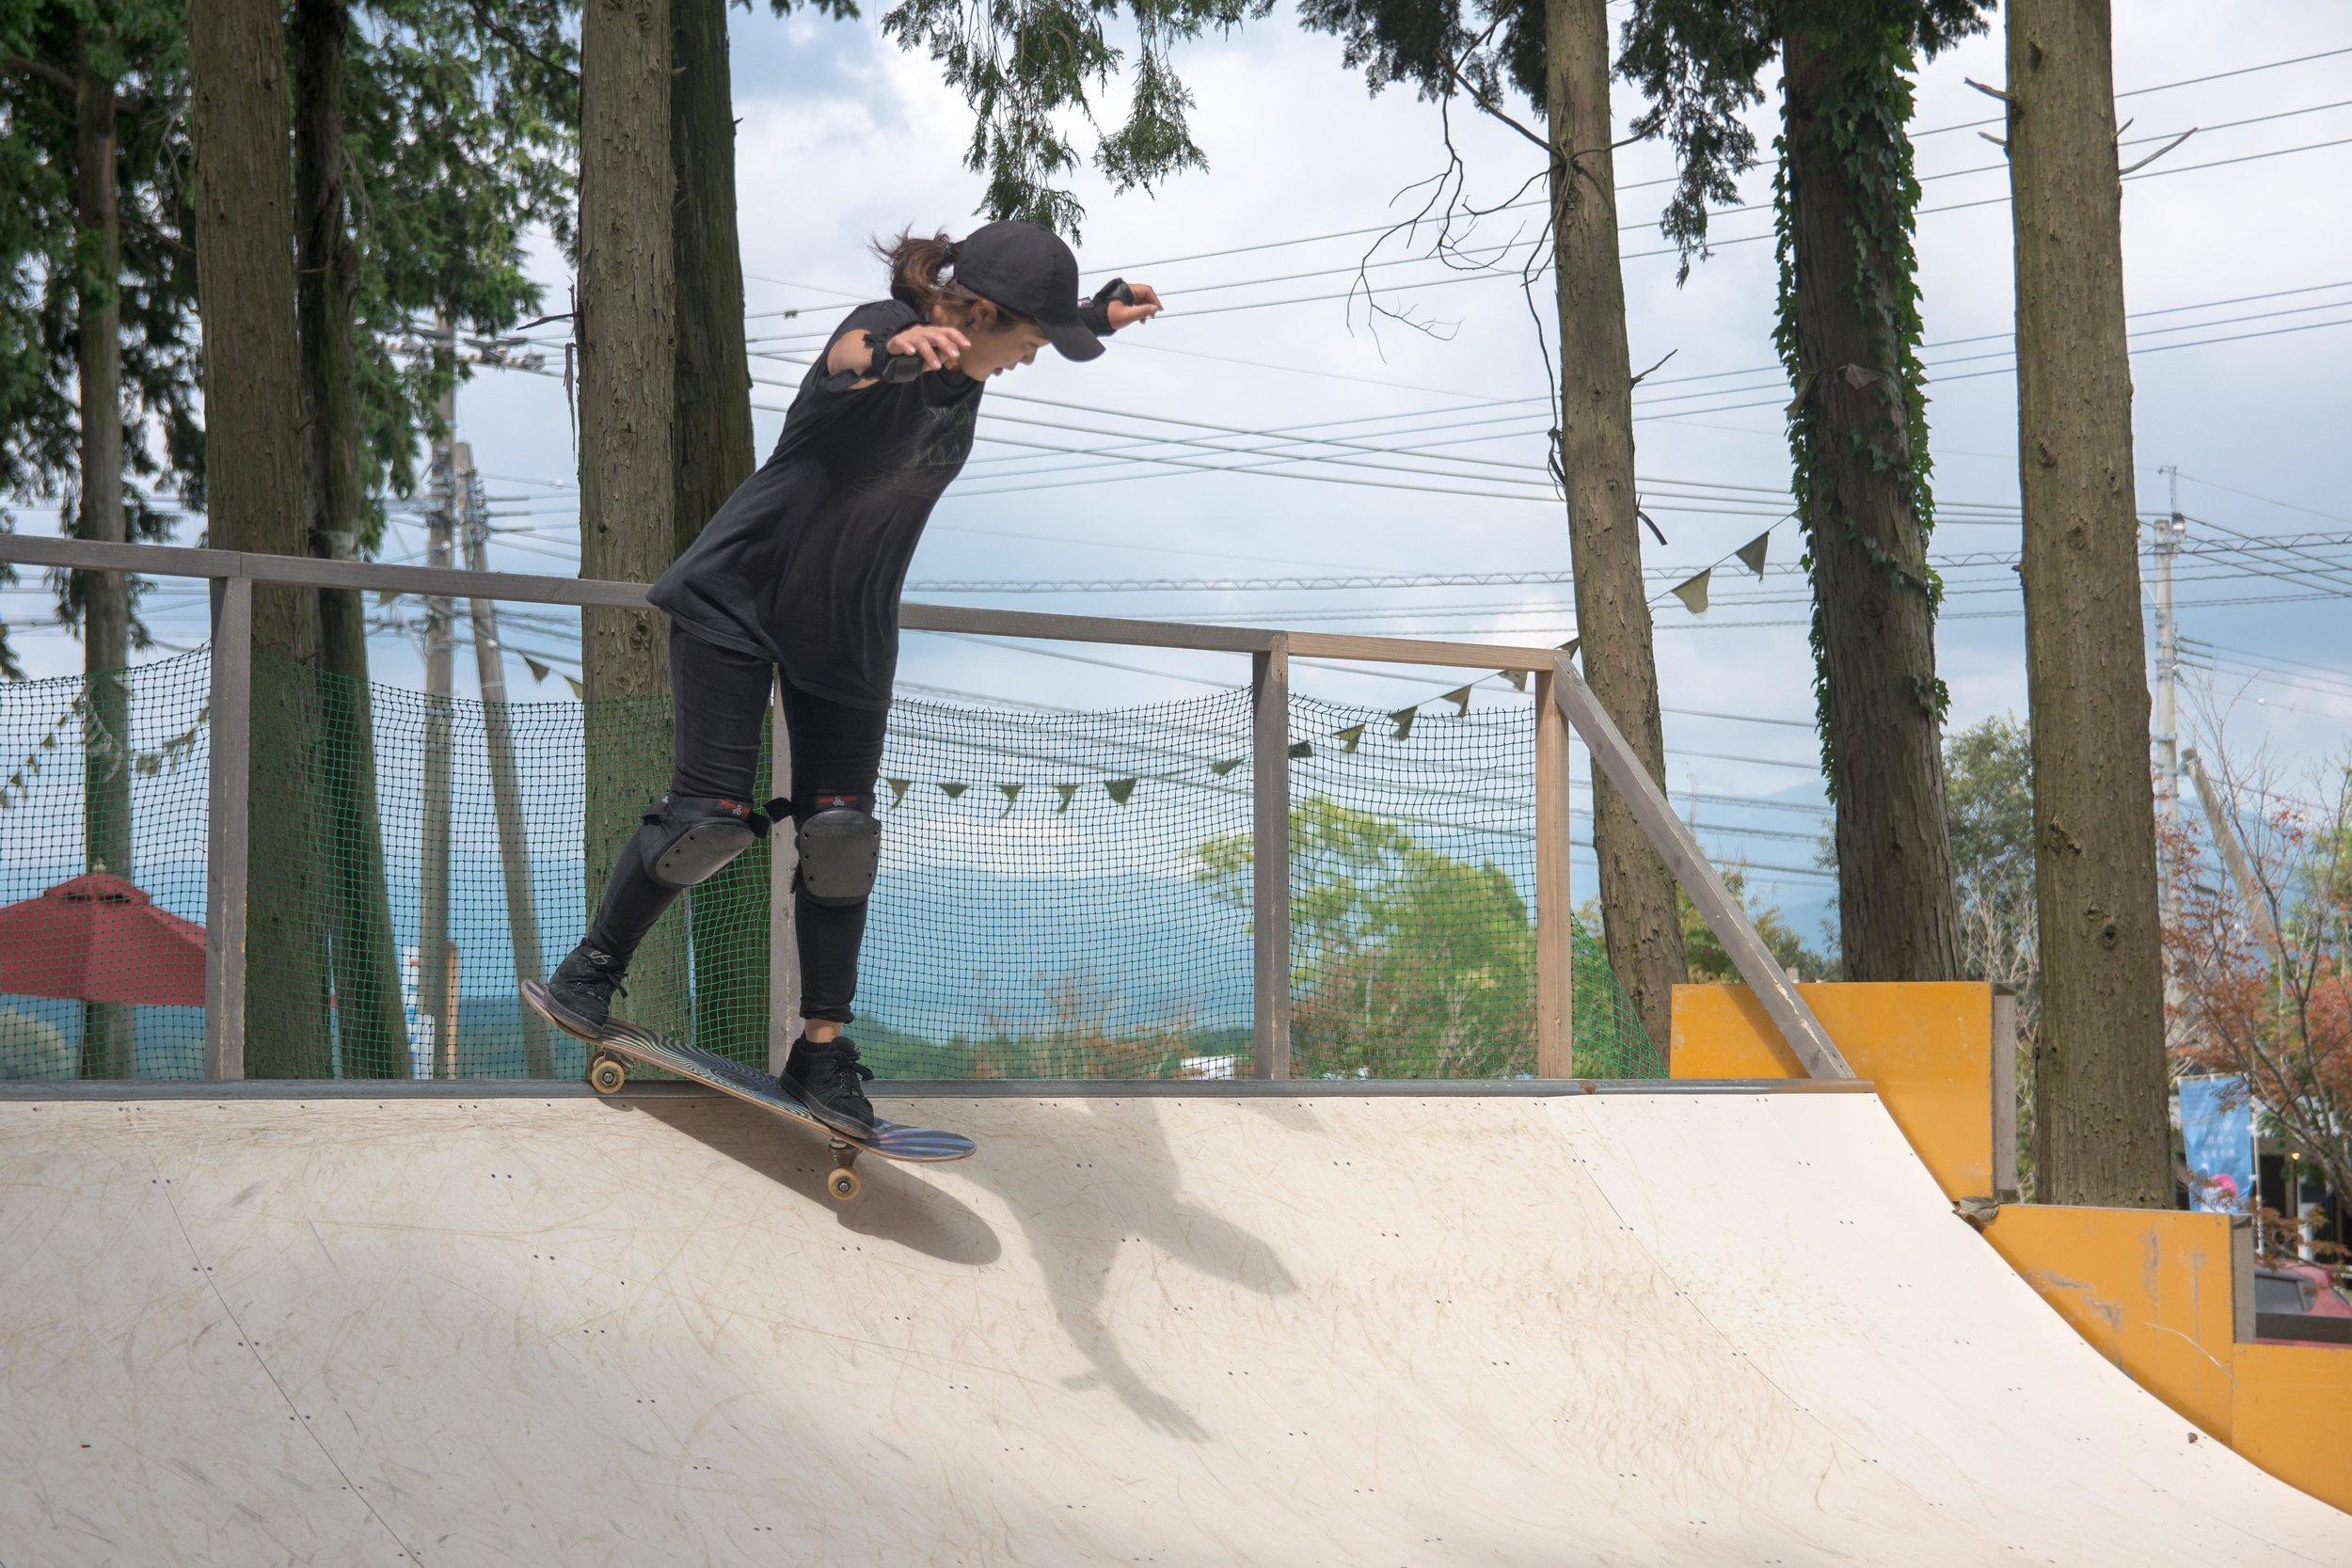 Nishimoro Forest Skatepark